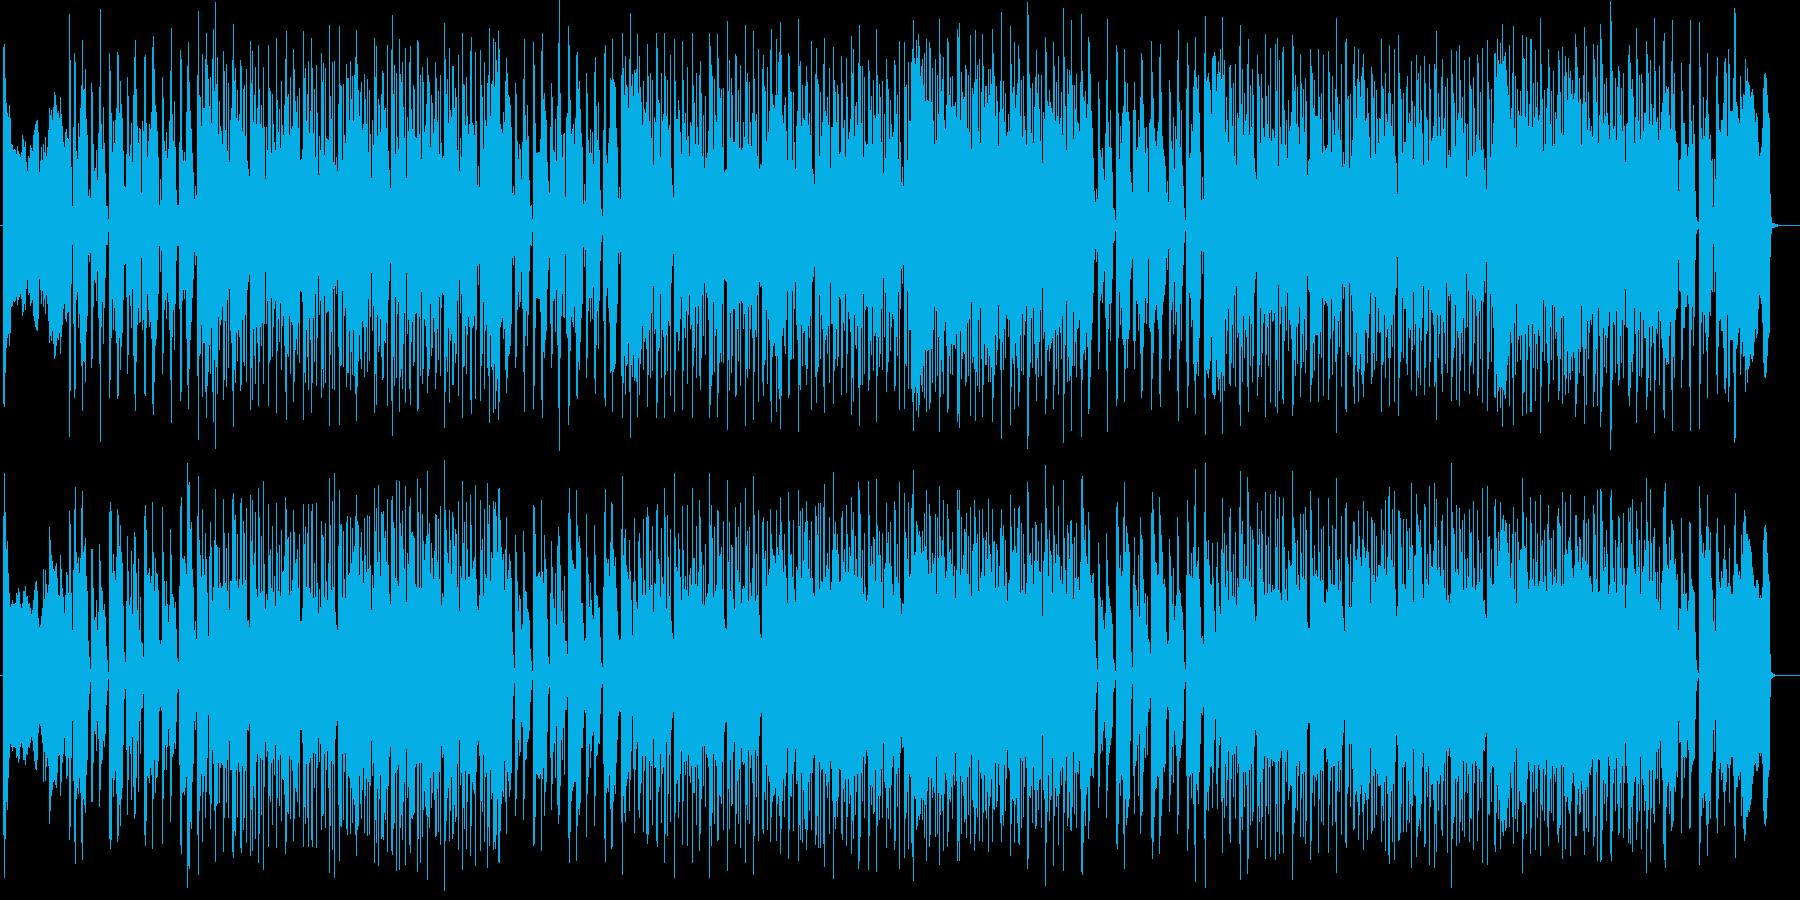 疾走感があり喪失感のある戦闘曲の再生済みの波形